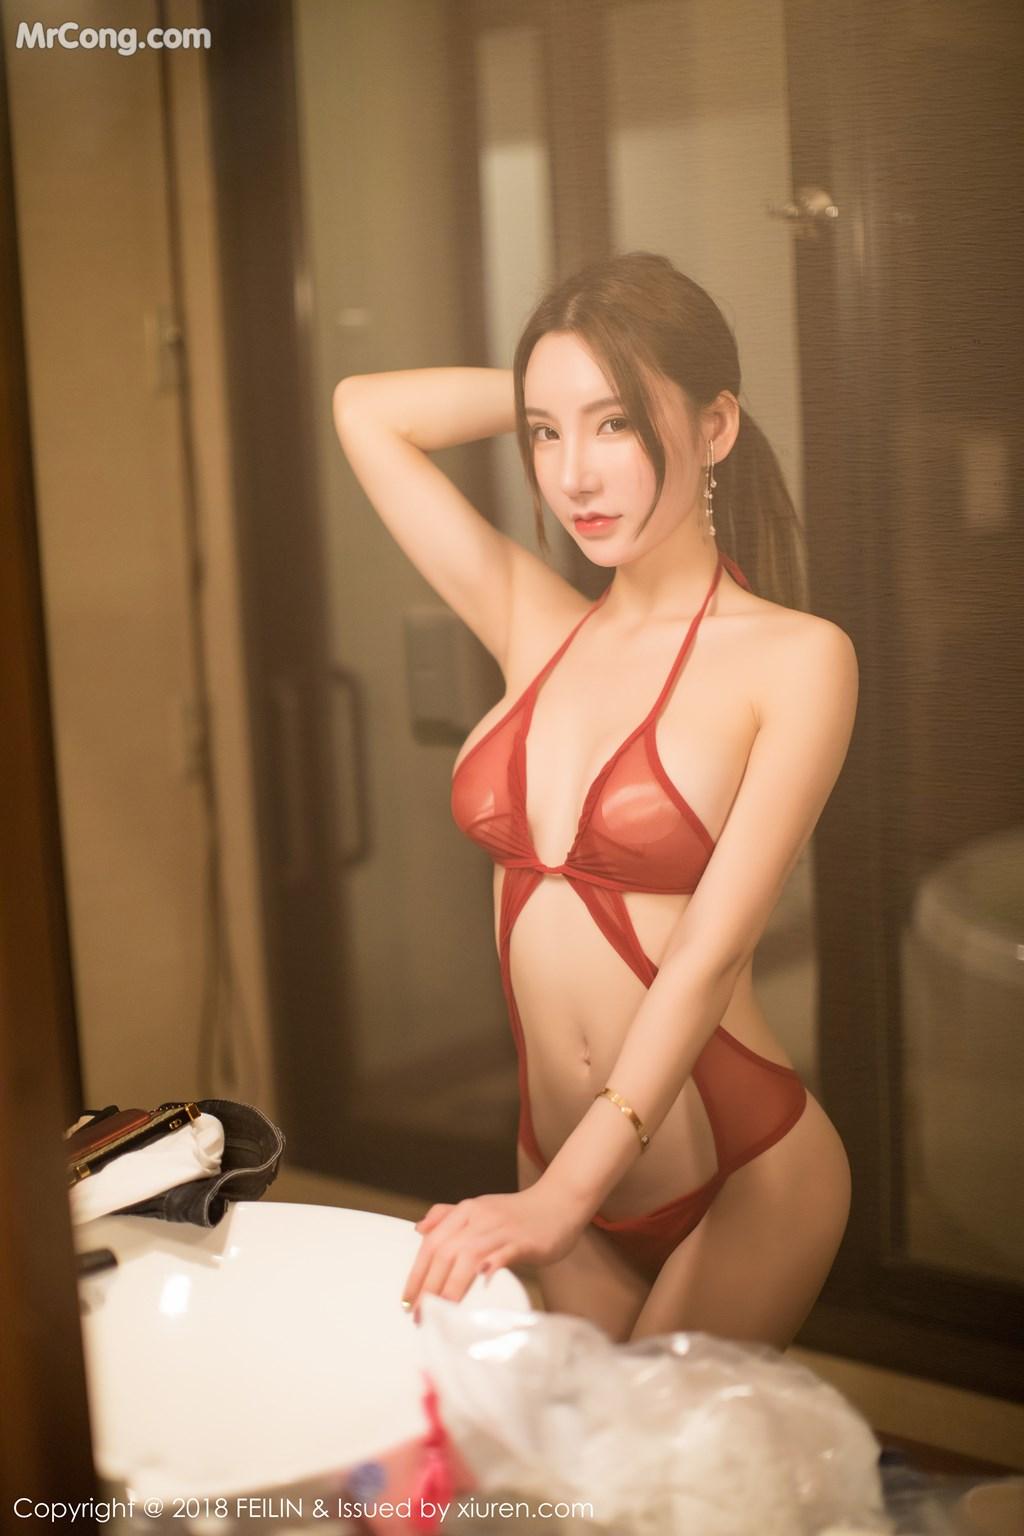 Image IMISS-Vol.238-Zhou-Yuxi-MrCong.com-002 in post IMISS Vol.238: Người mẫu Zhou Yuxi (周于希) (38 ảnh)